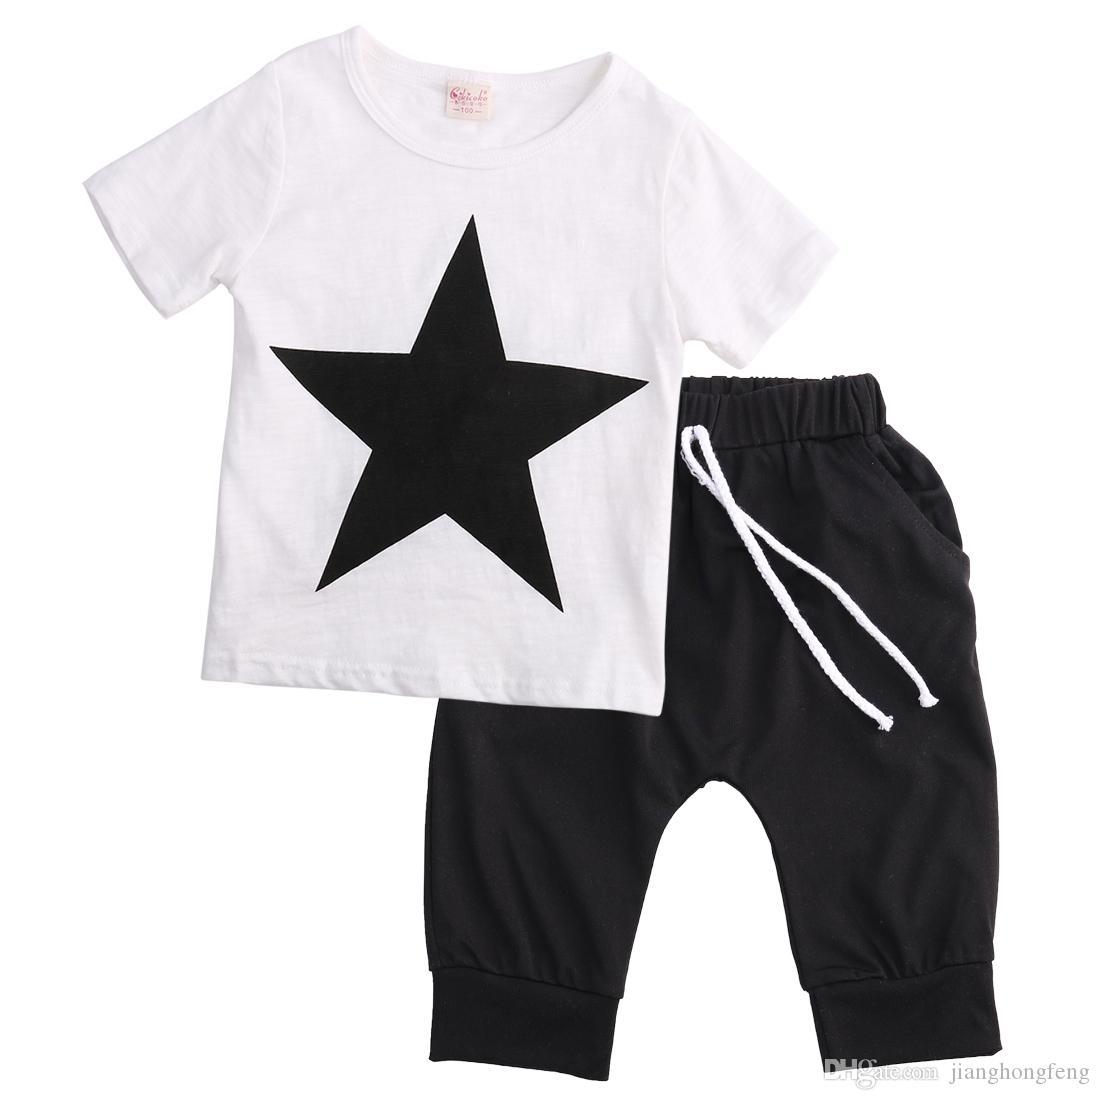 Свободная перевозка груза вскользь малышей младенца мальчиков Camo Denim Outfit Топы футболки Брюки Одежда Set